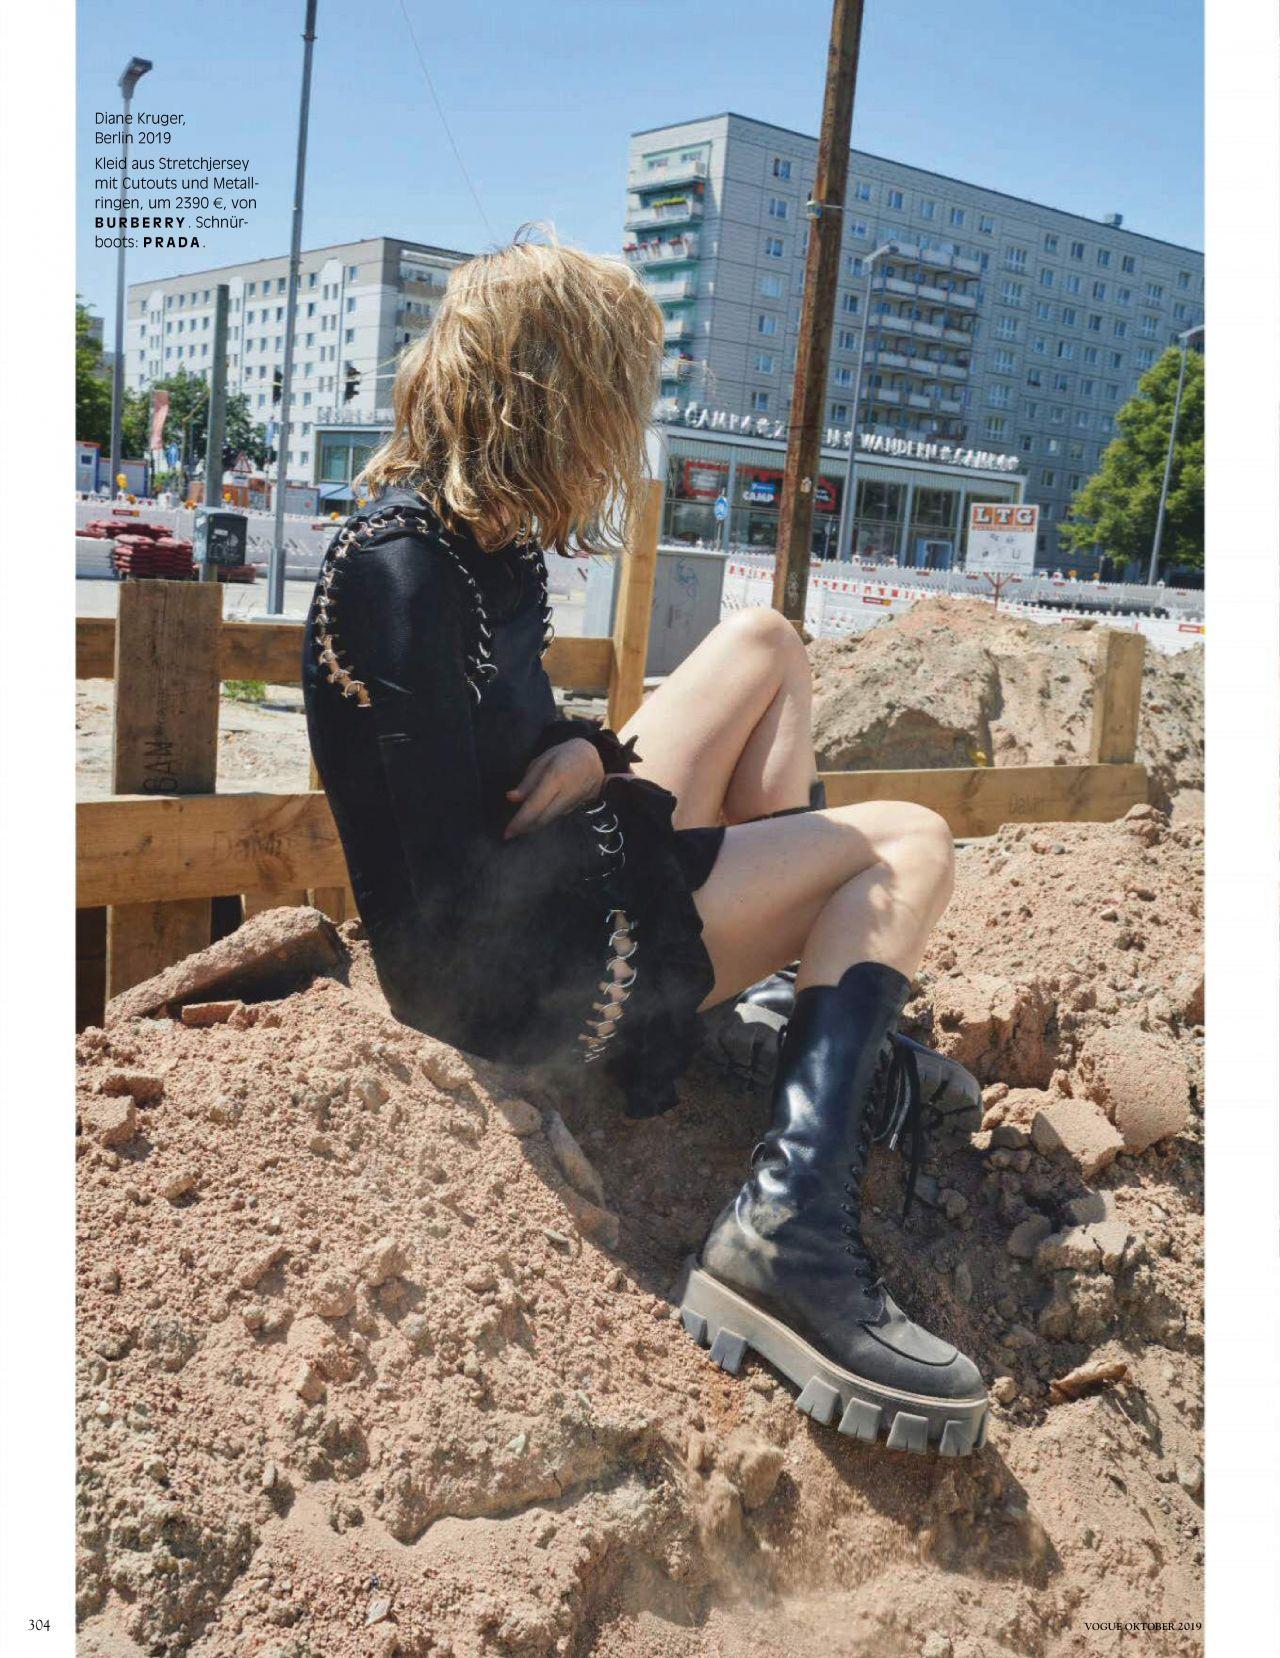 Диана Крюгер купается в фонтане в съемке немецкого Vogue (фото 7)